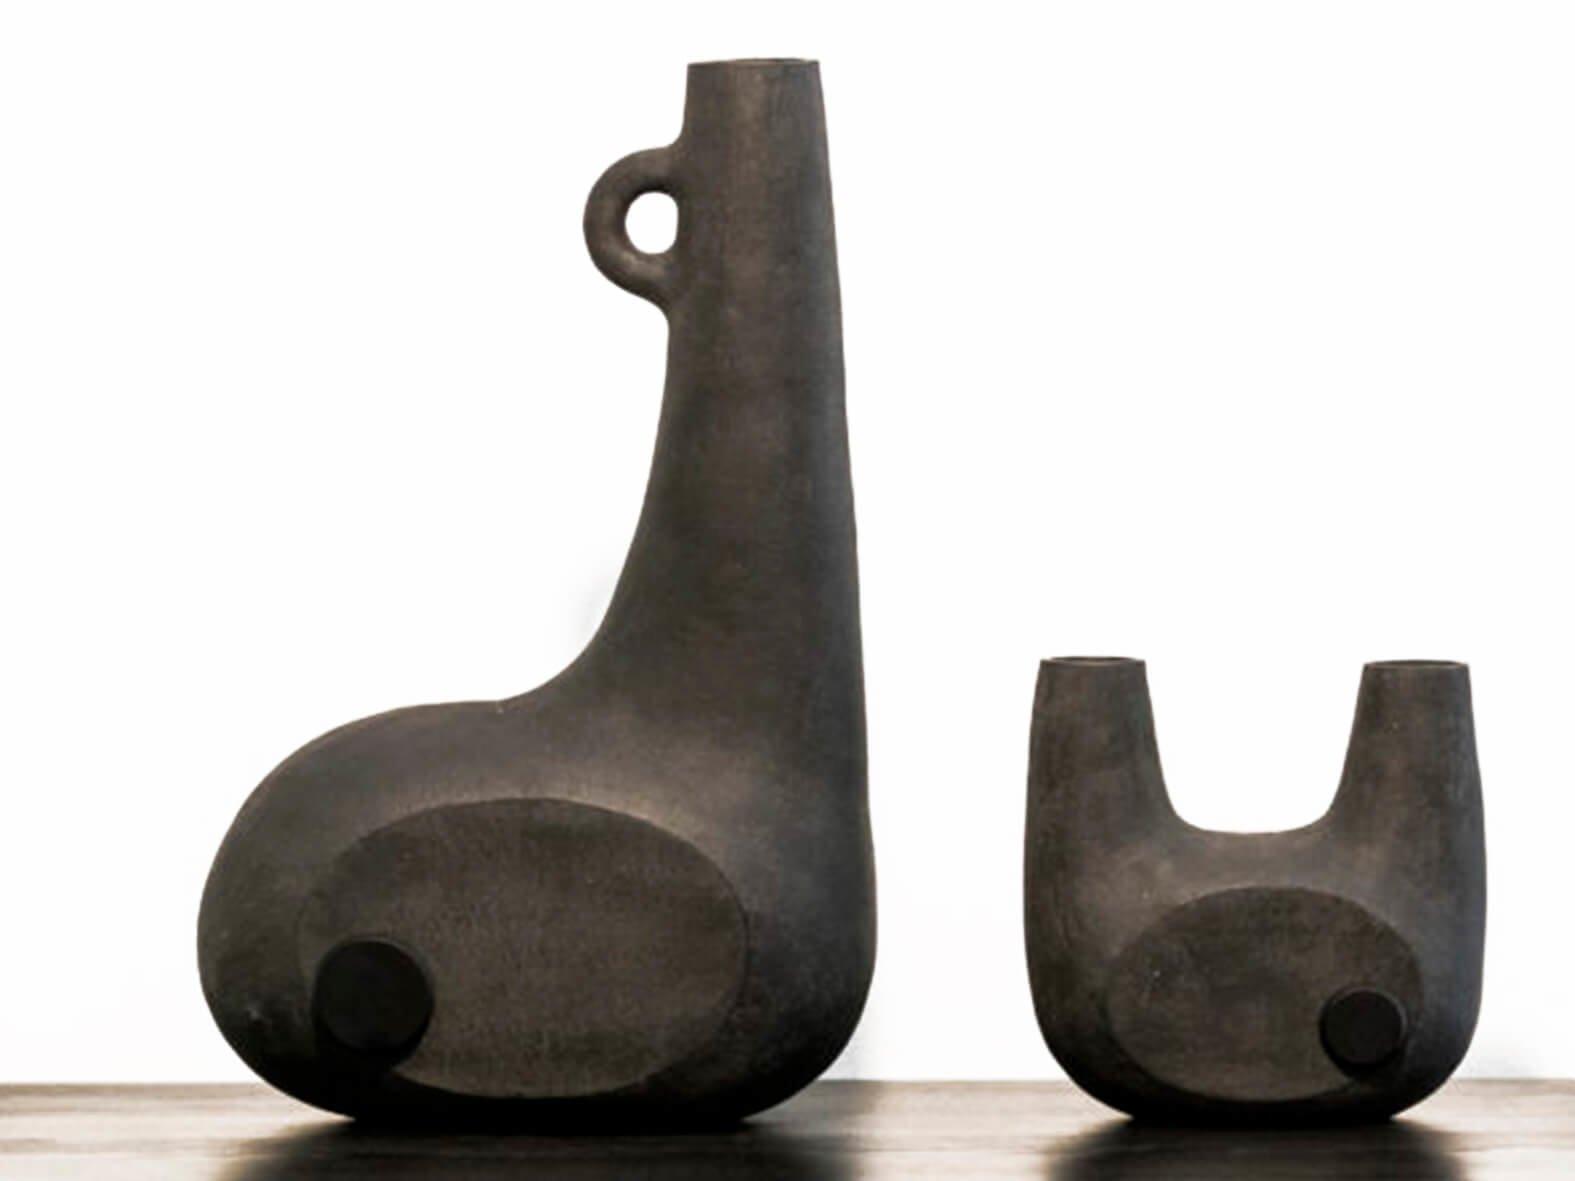 Керамические вазы Bandura с деревянными вставками своими текучими и плавными формами повторяют элементы старинного музыкального инструмента. Доступны в двух цветах.